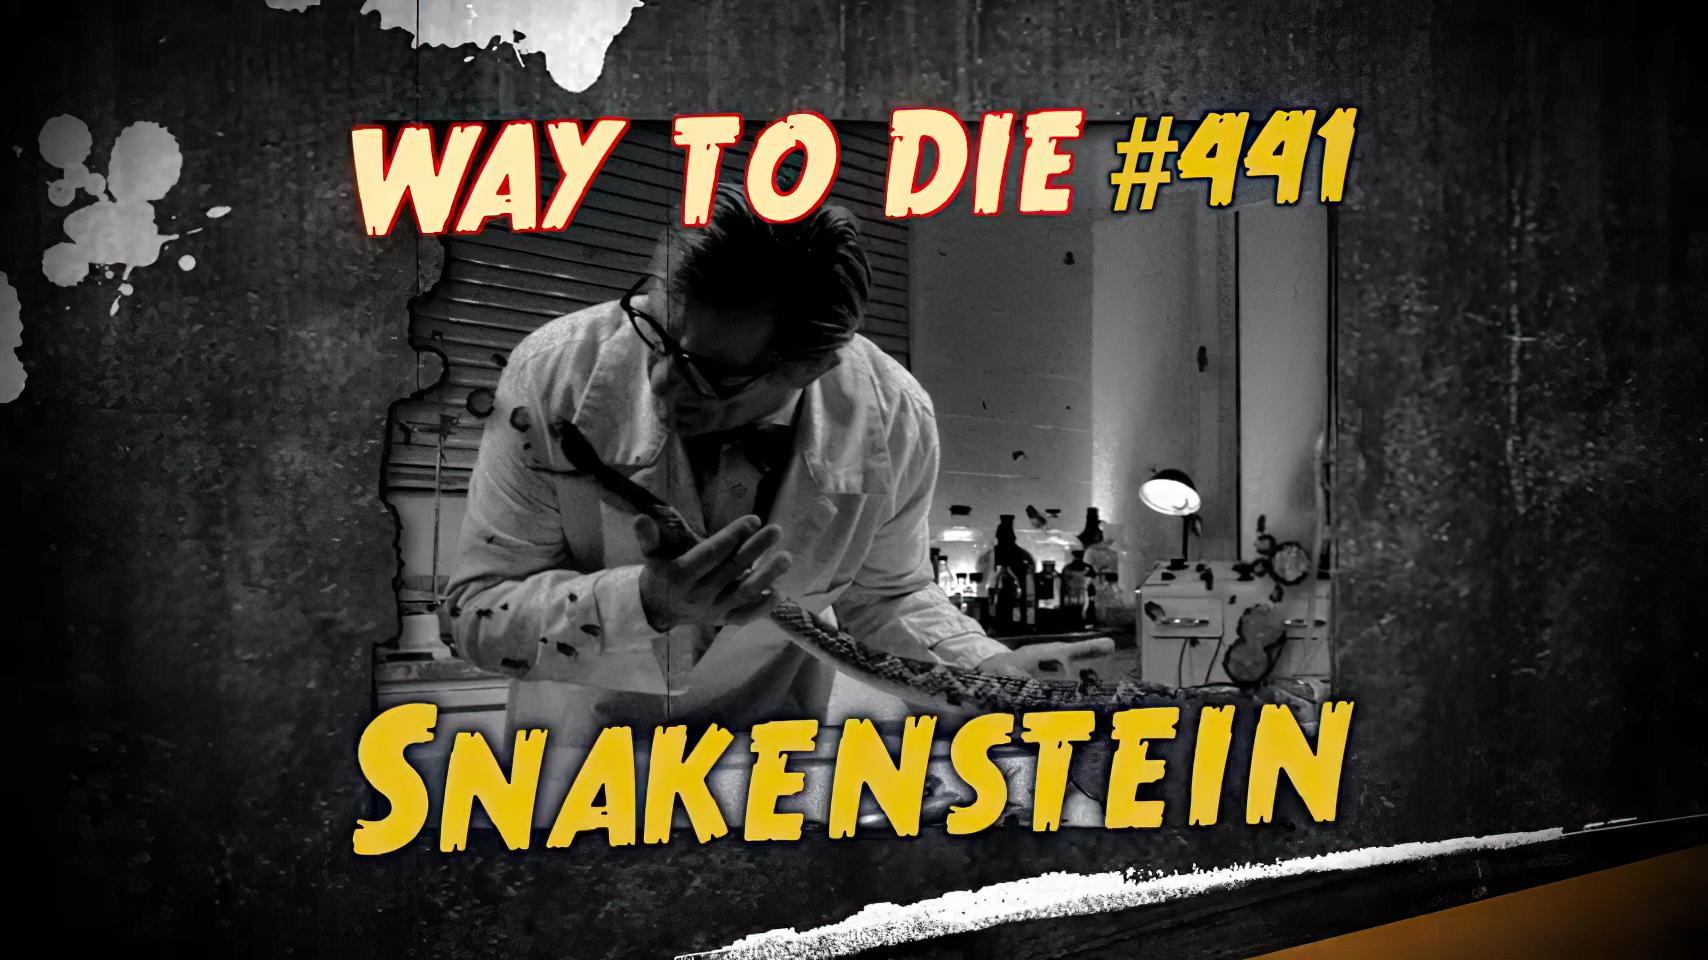 Snakenstein